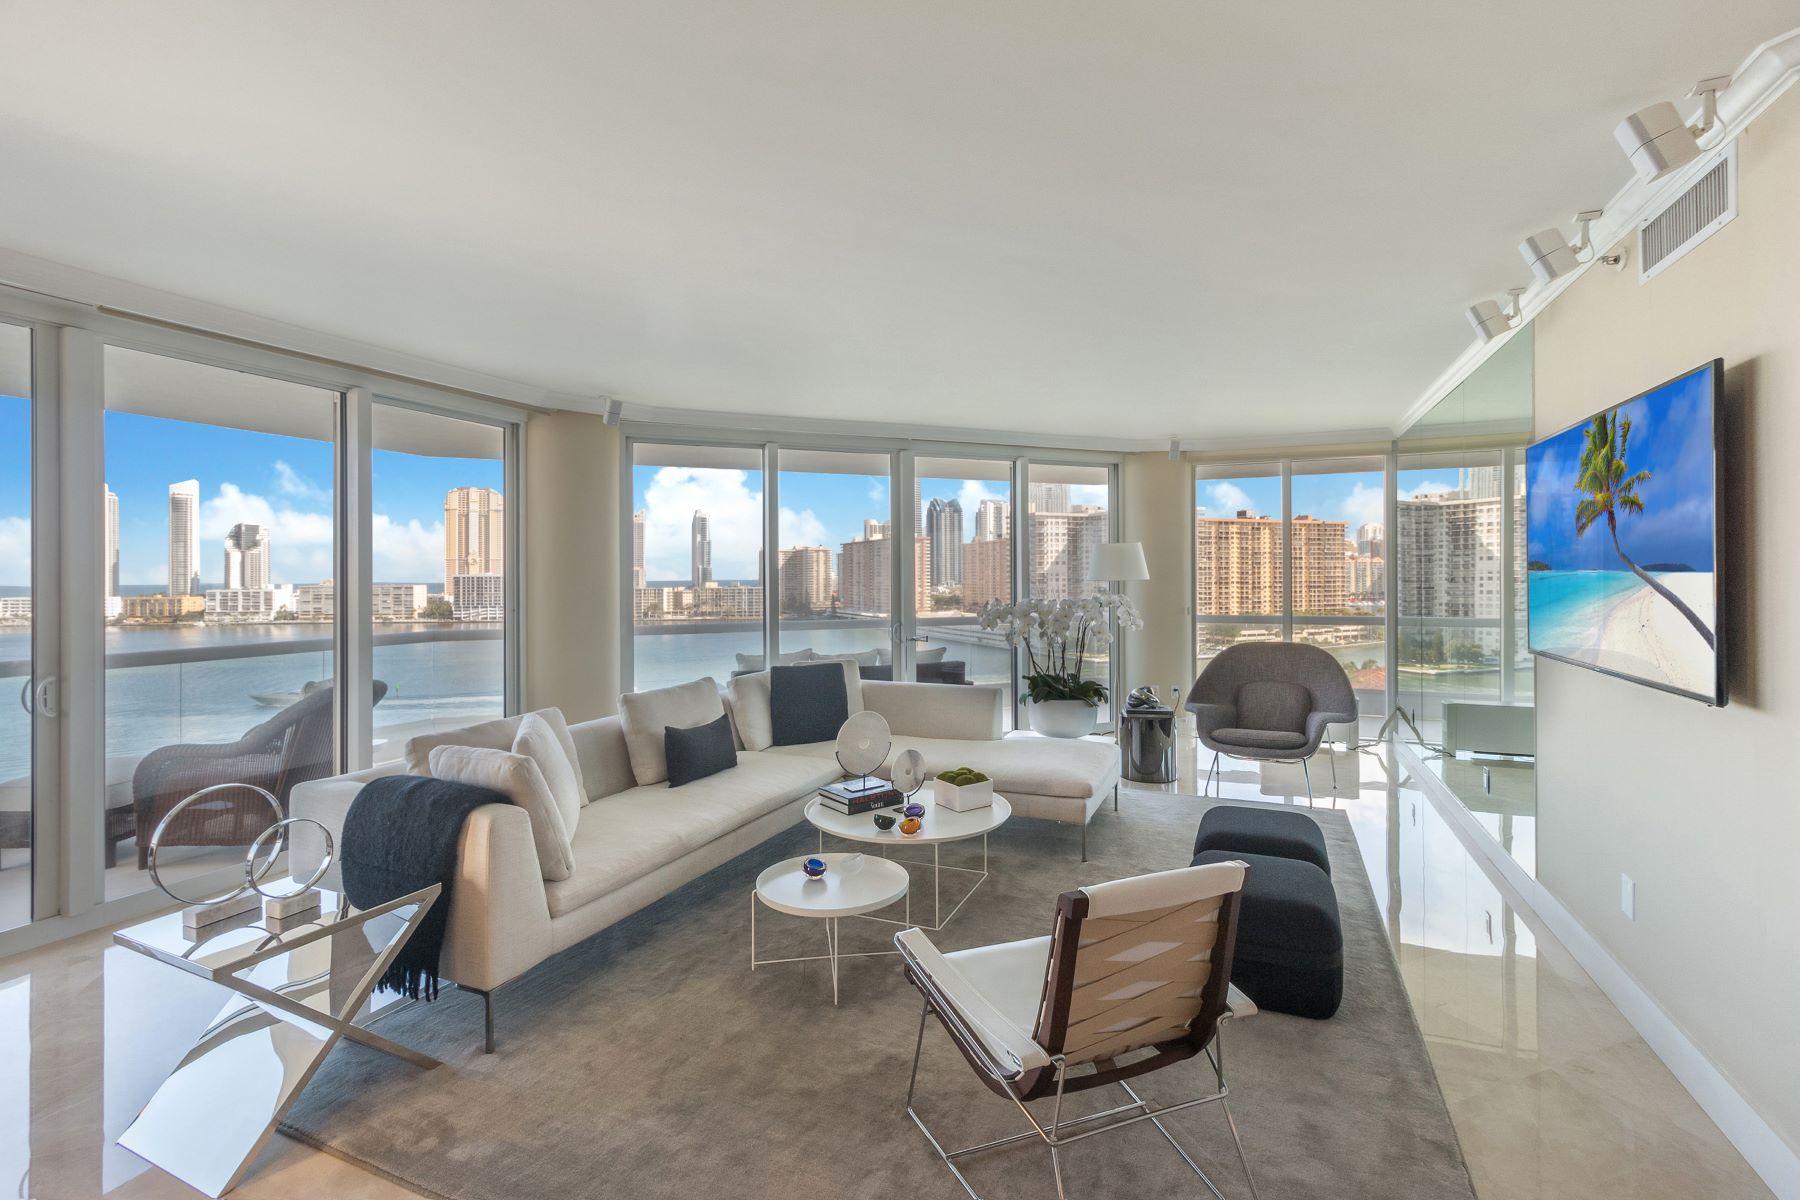 Condominium for Sale at 2600 Island Blvd 2600 Island Blvd 1104, Aventura, Florida, 33160 United States